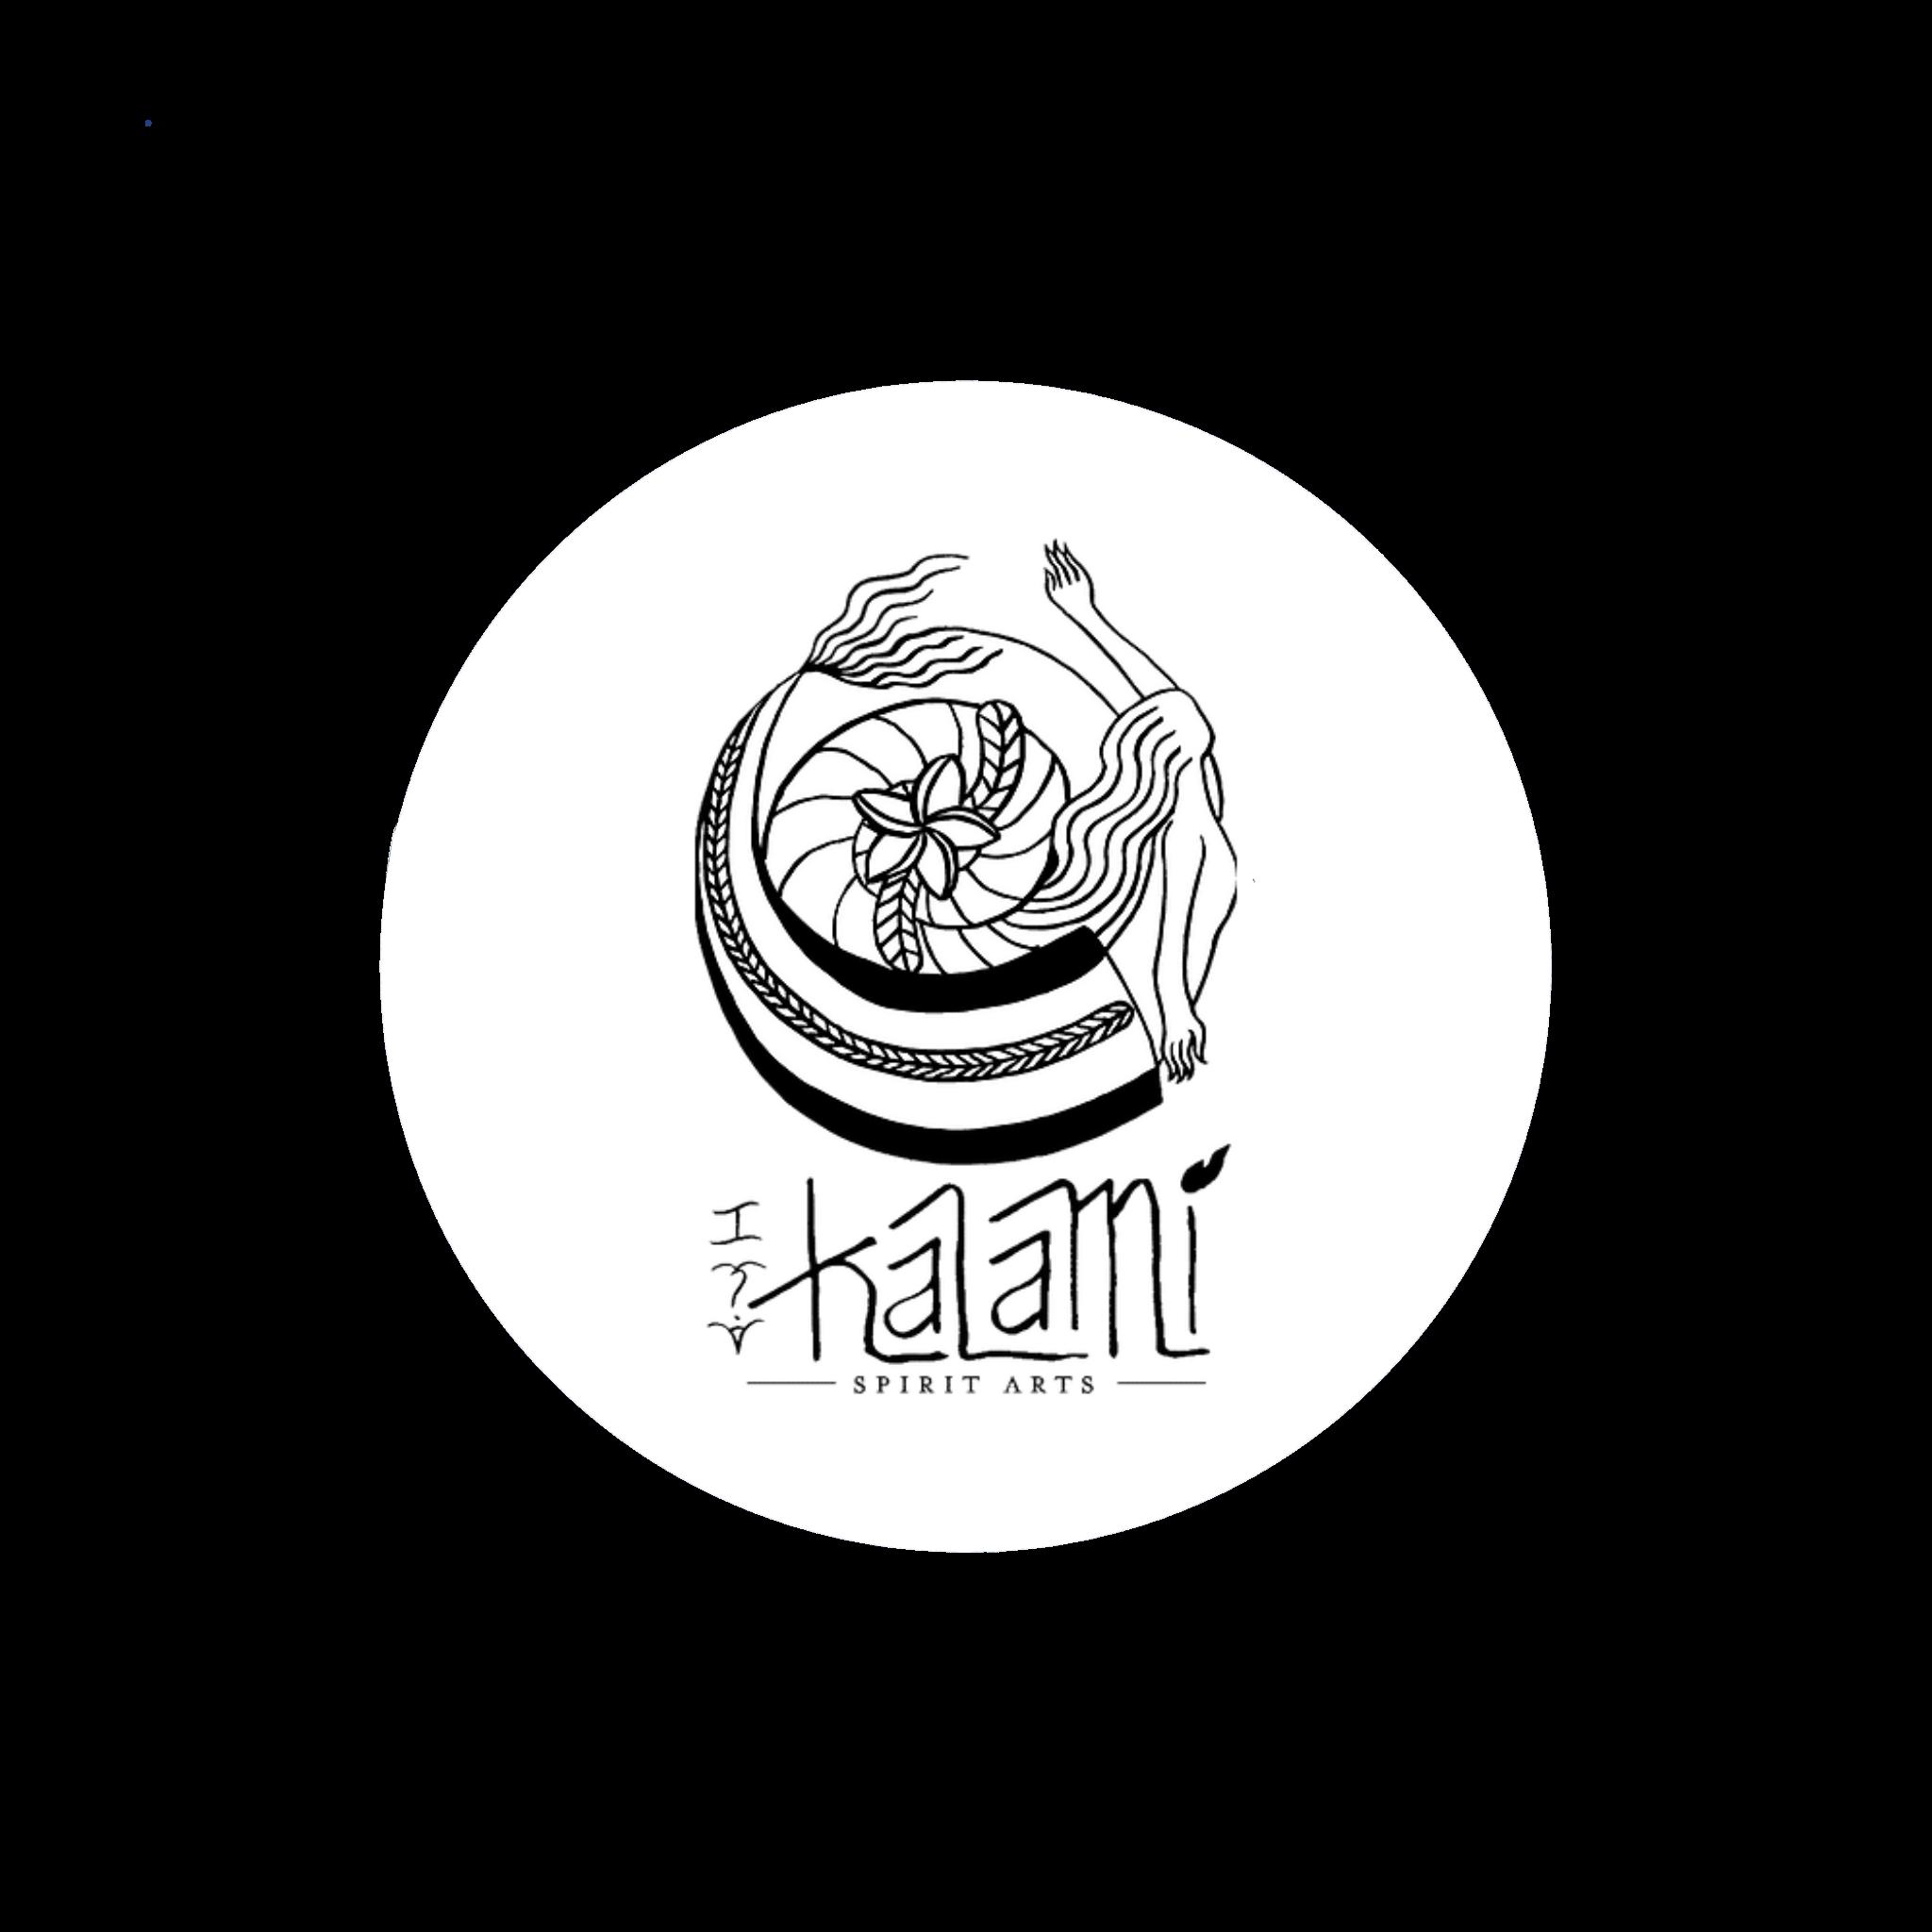 Kalami Spirit Arts